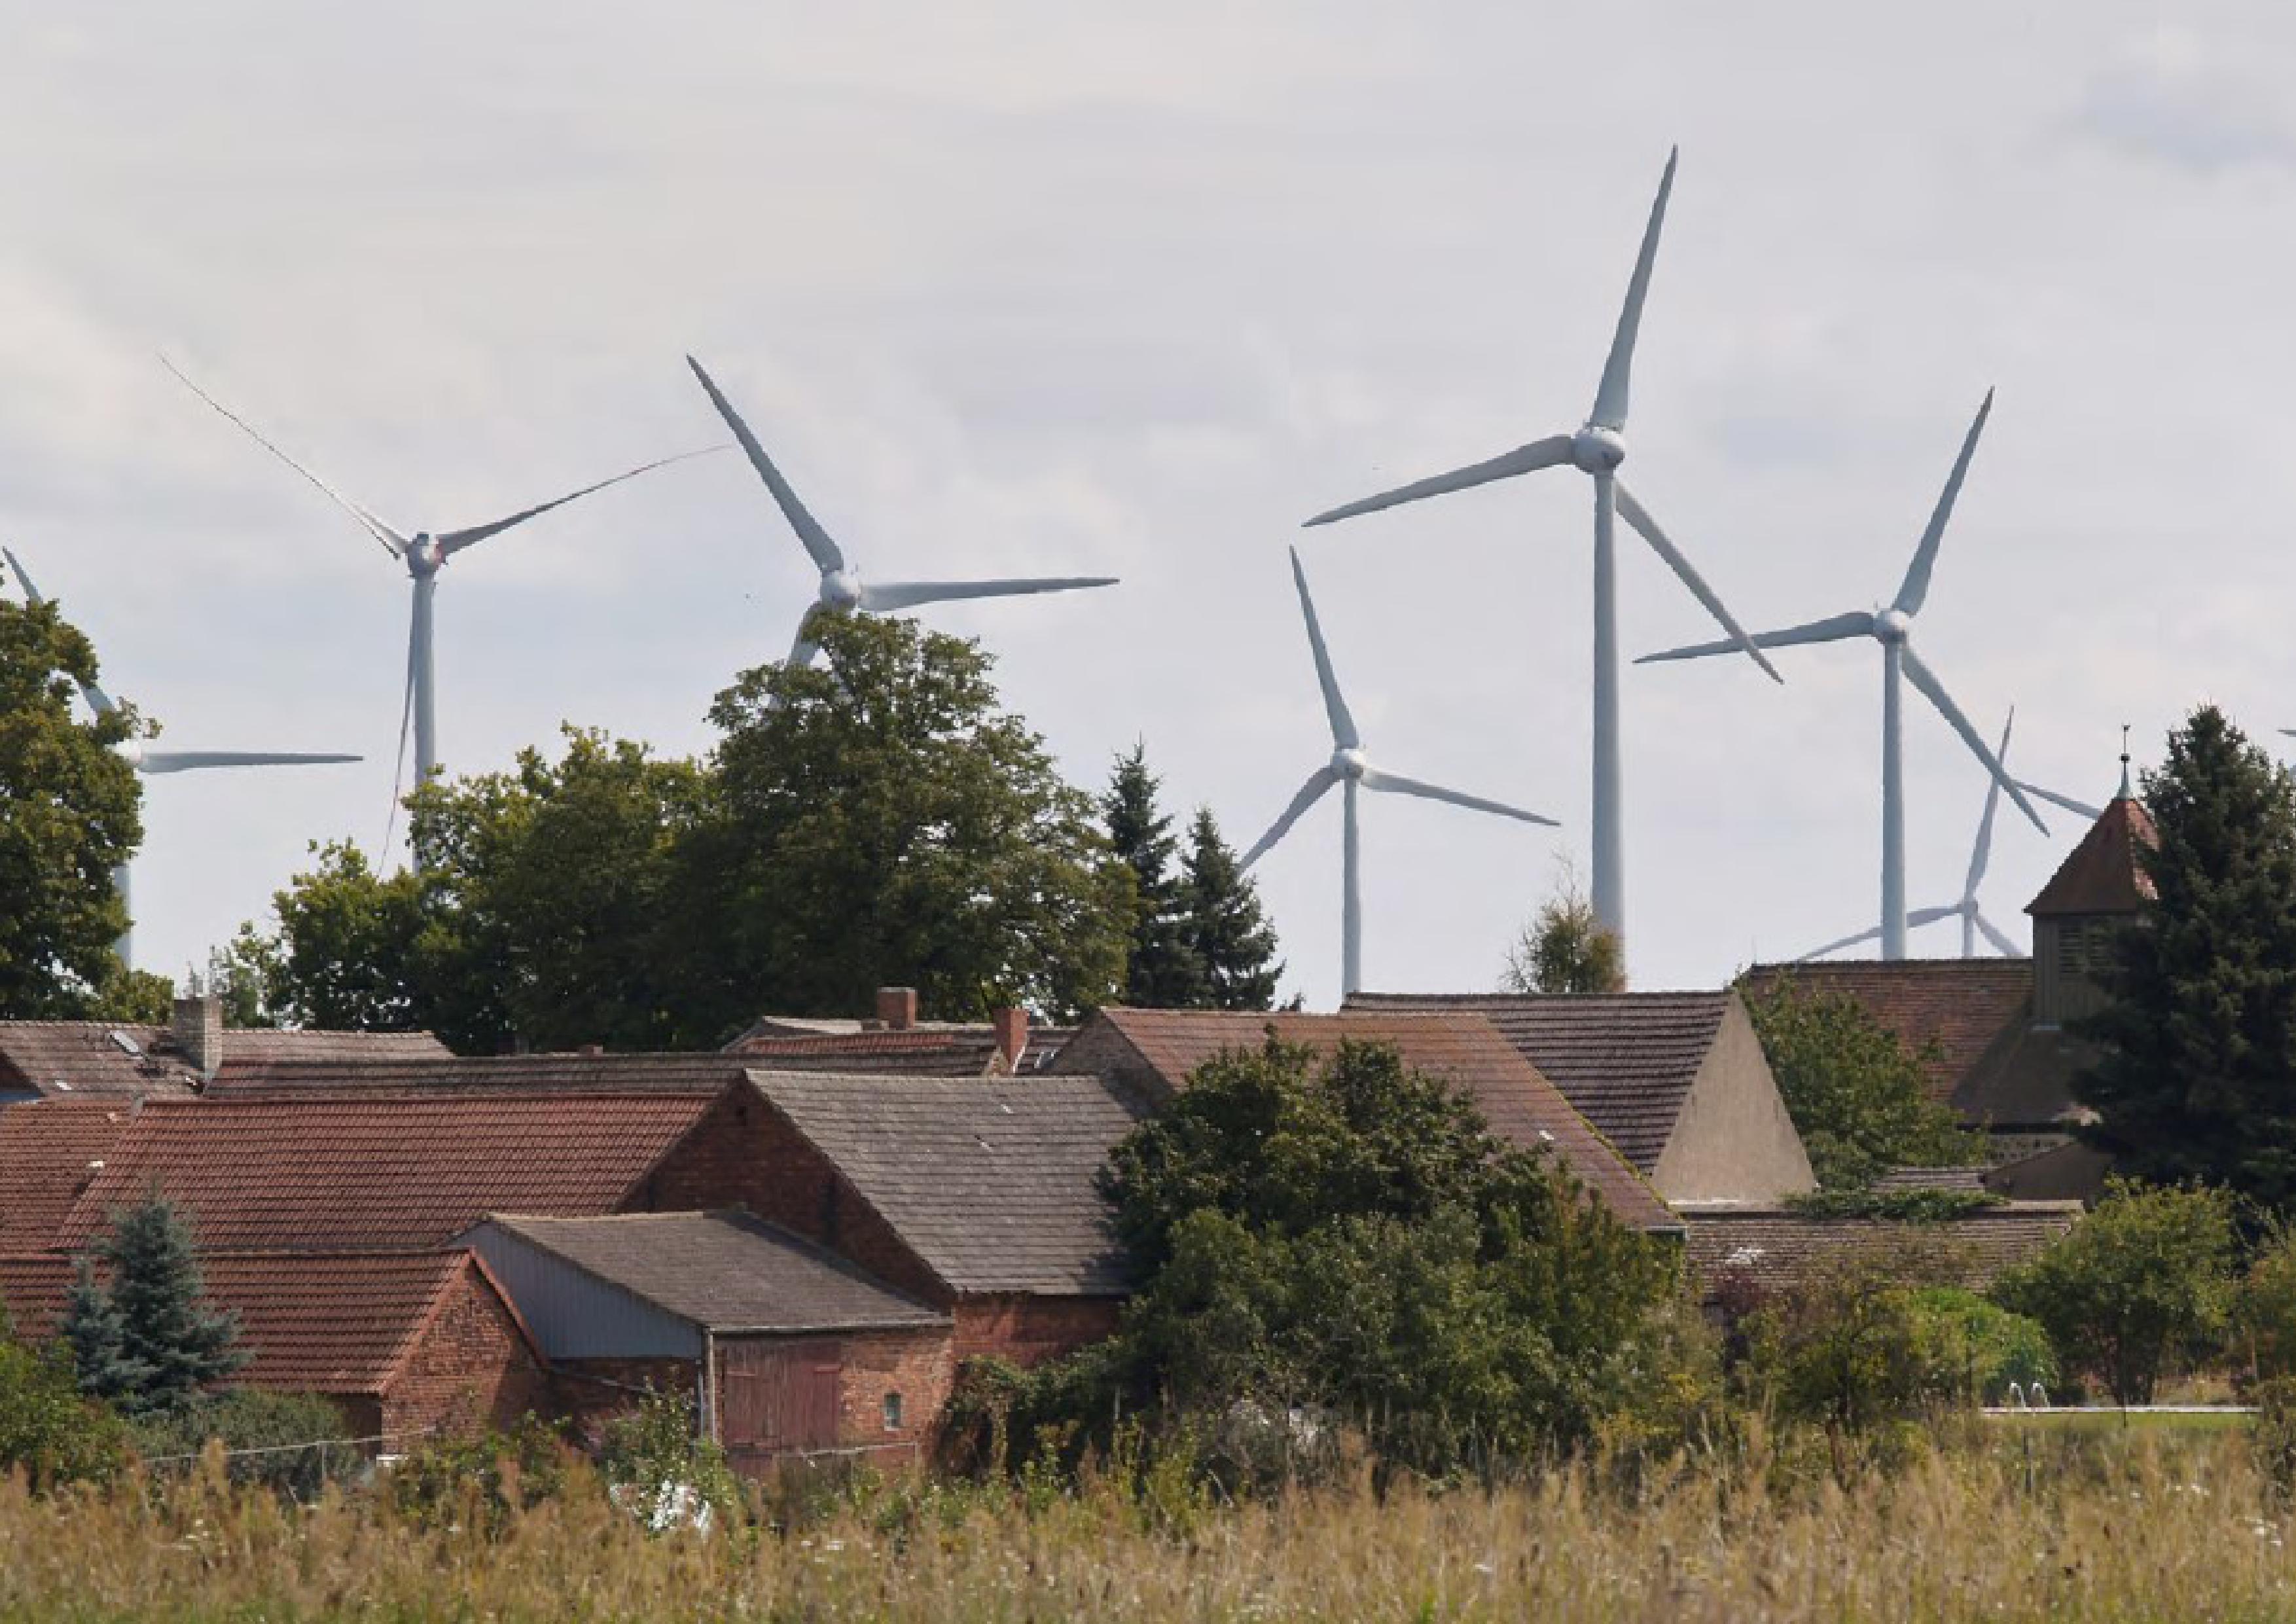 Wertverlust von Immobilien in der Nähe von Windenergieanlagen / wallstreat:online (20.01.20199